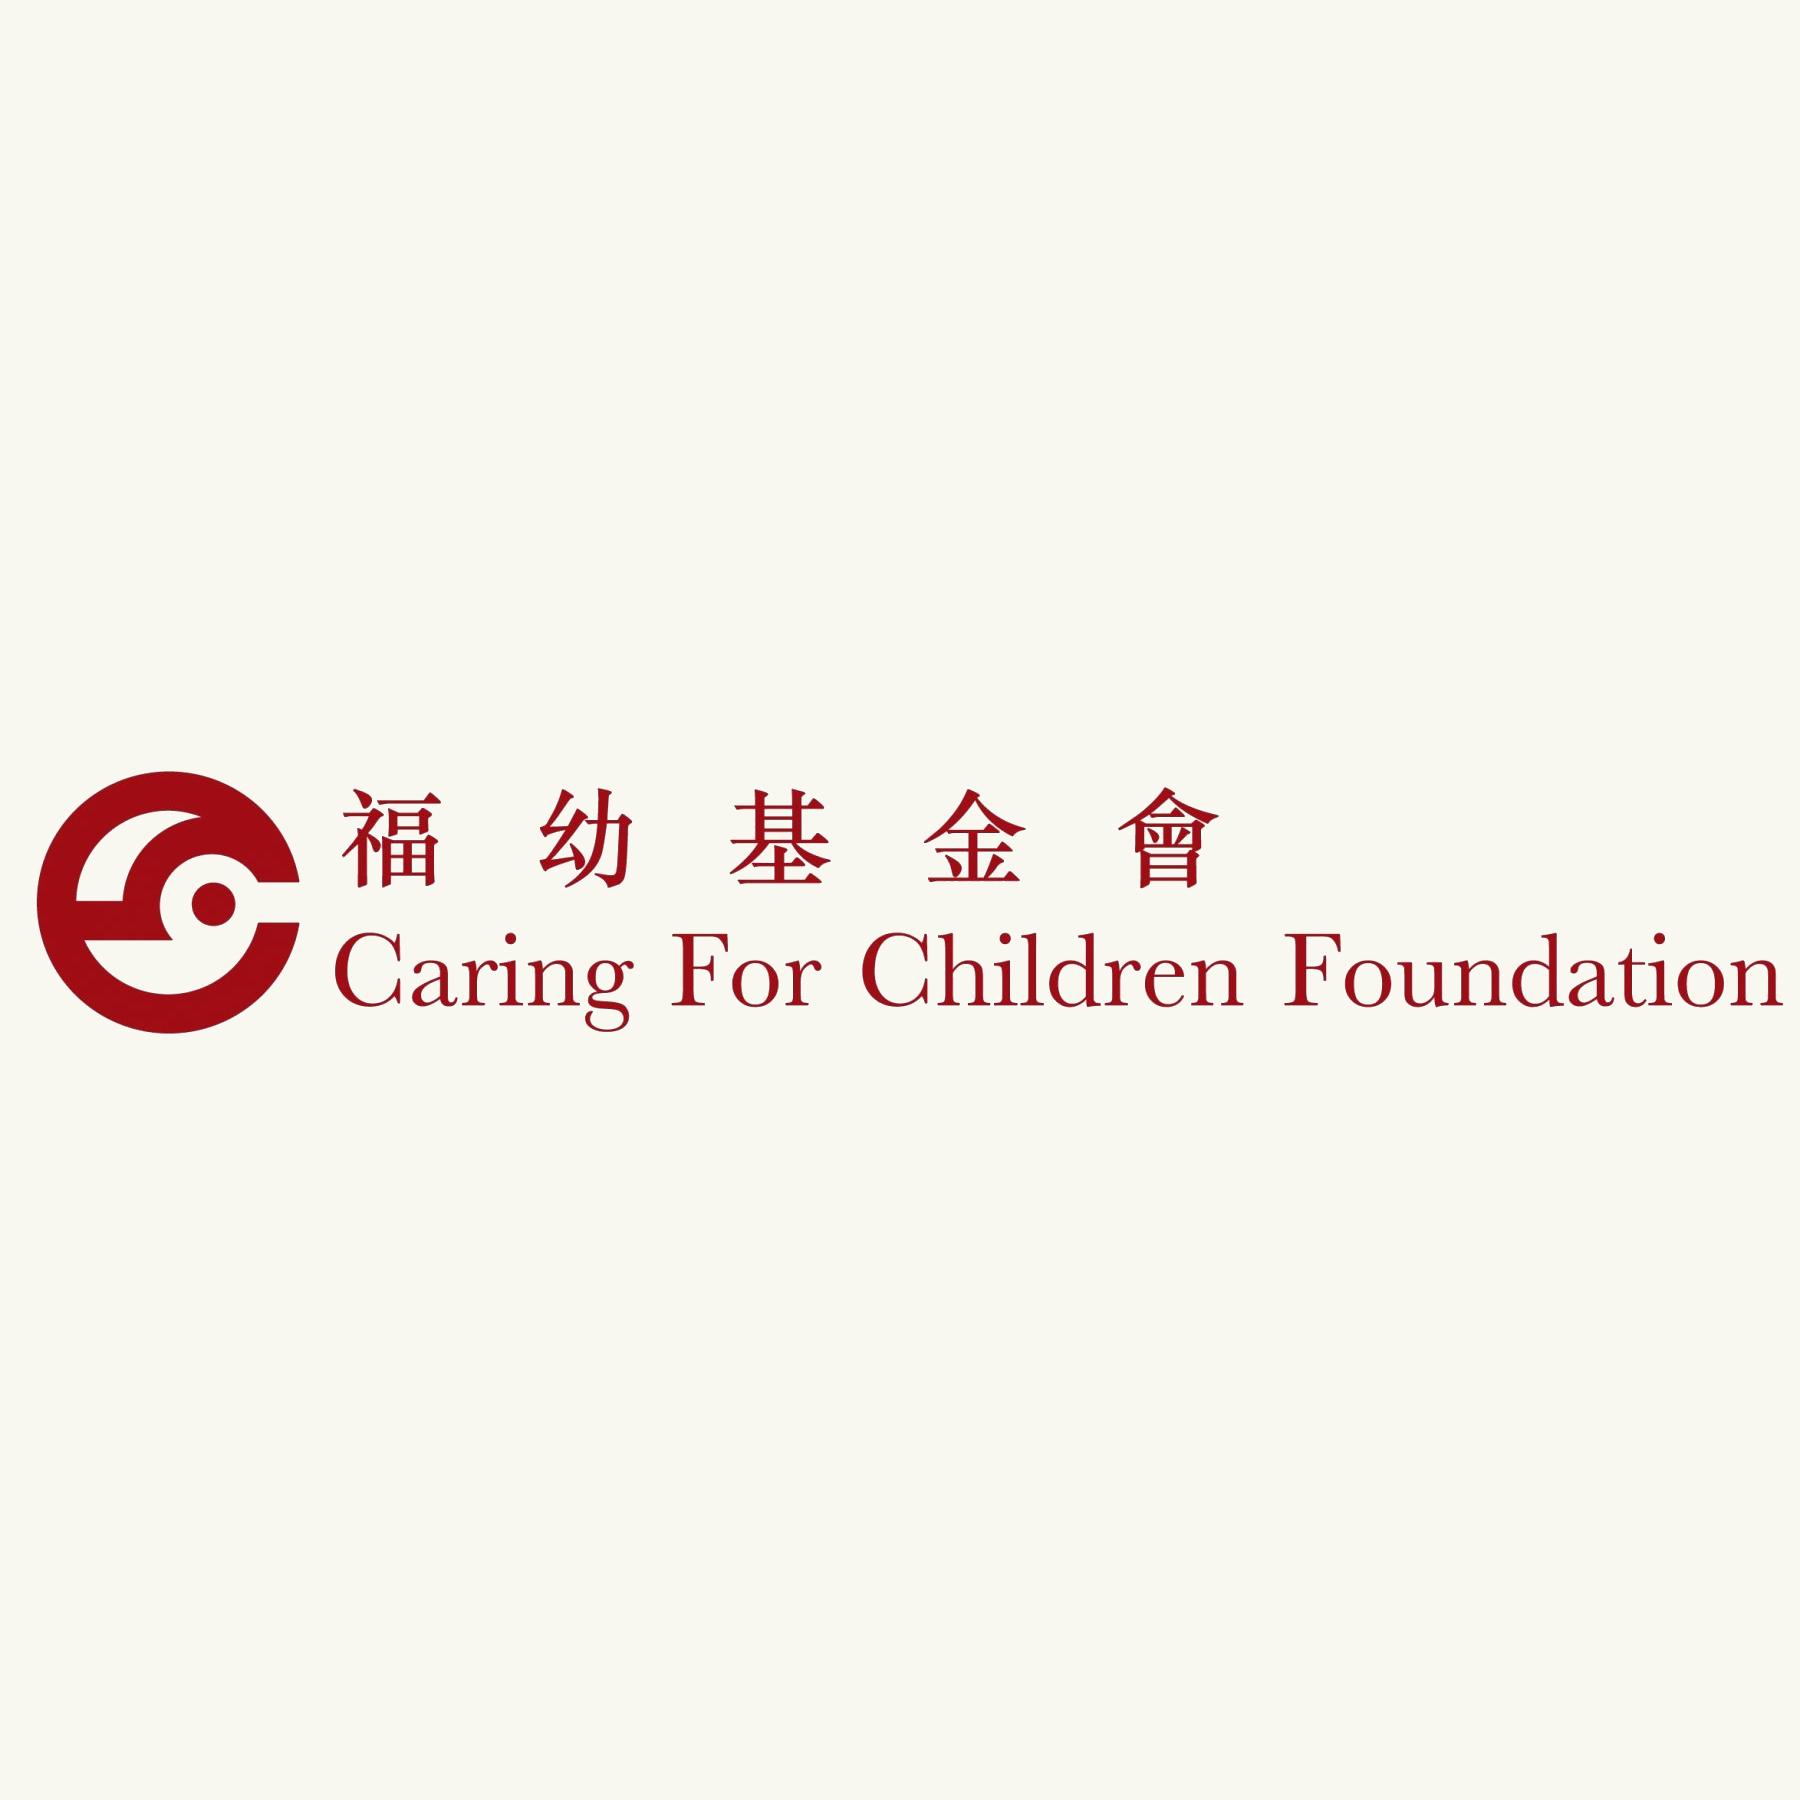 福幼基金會